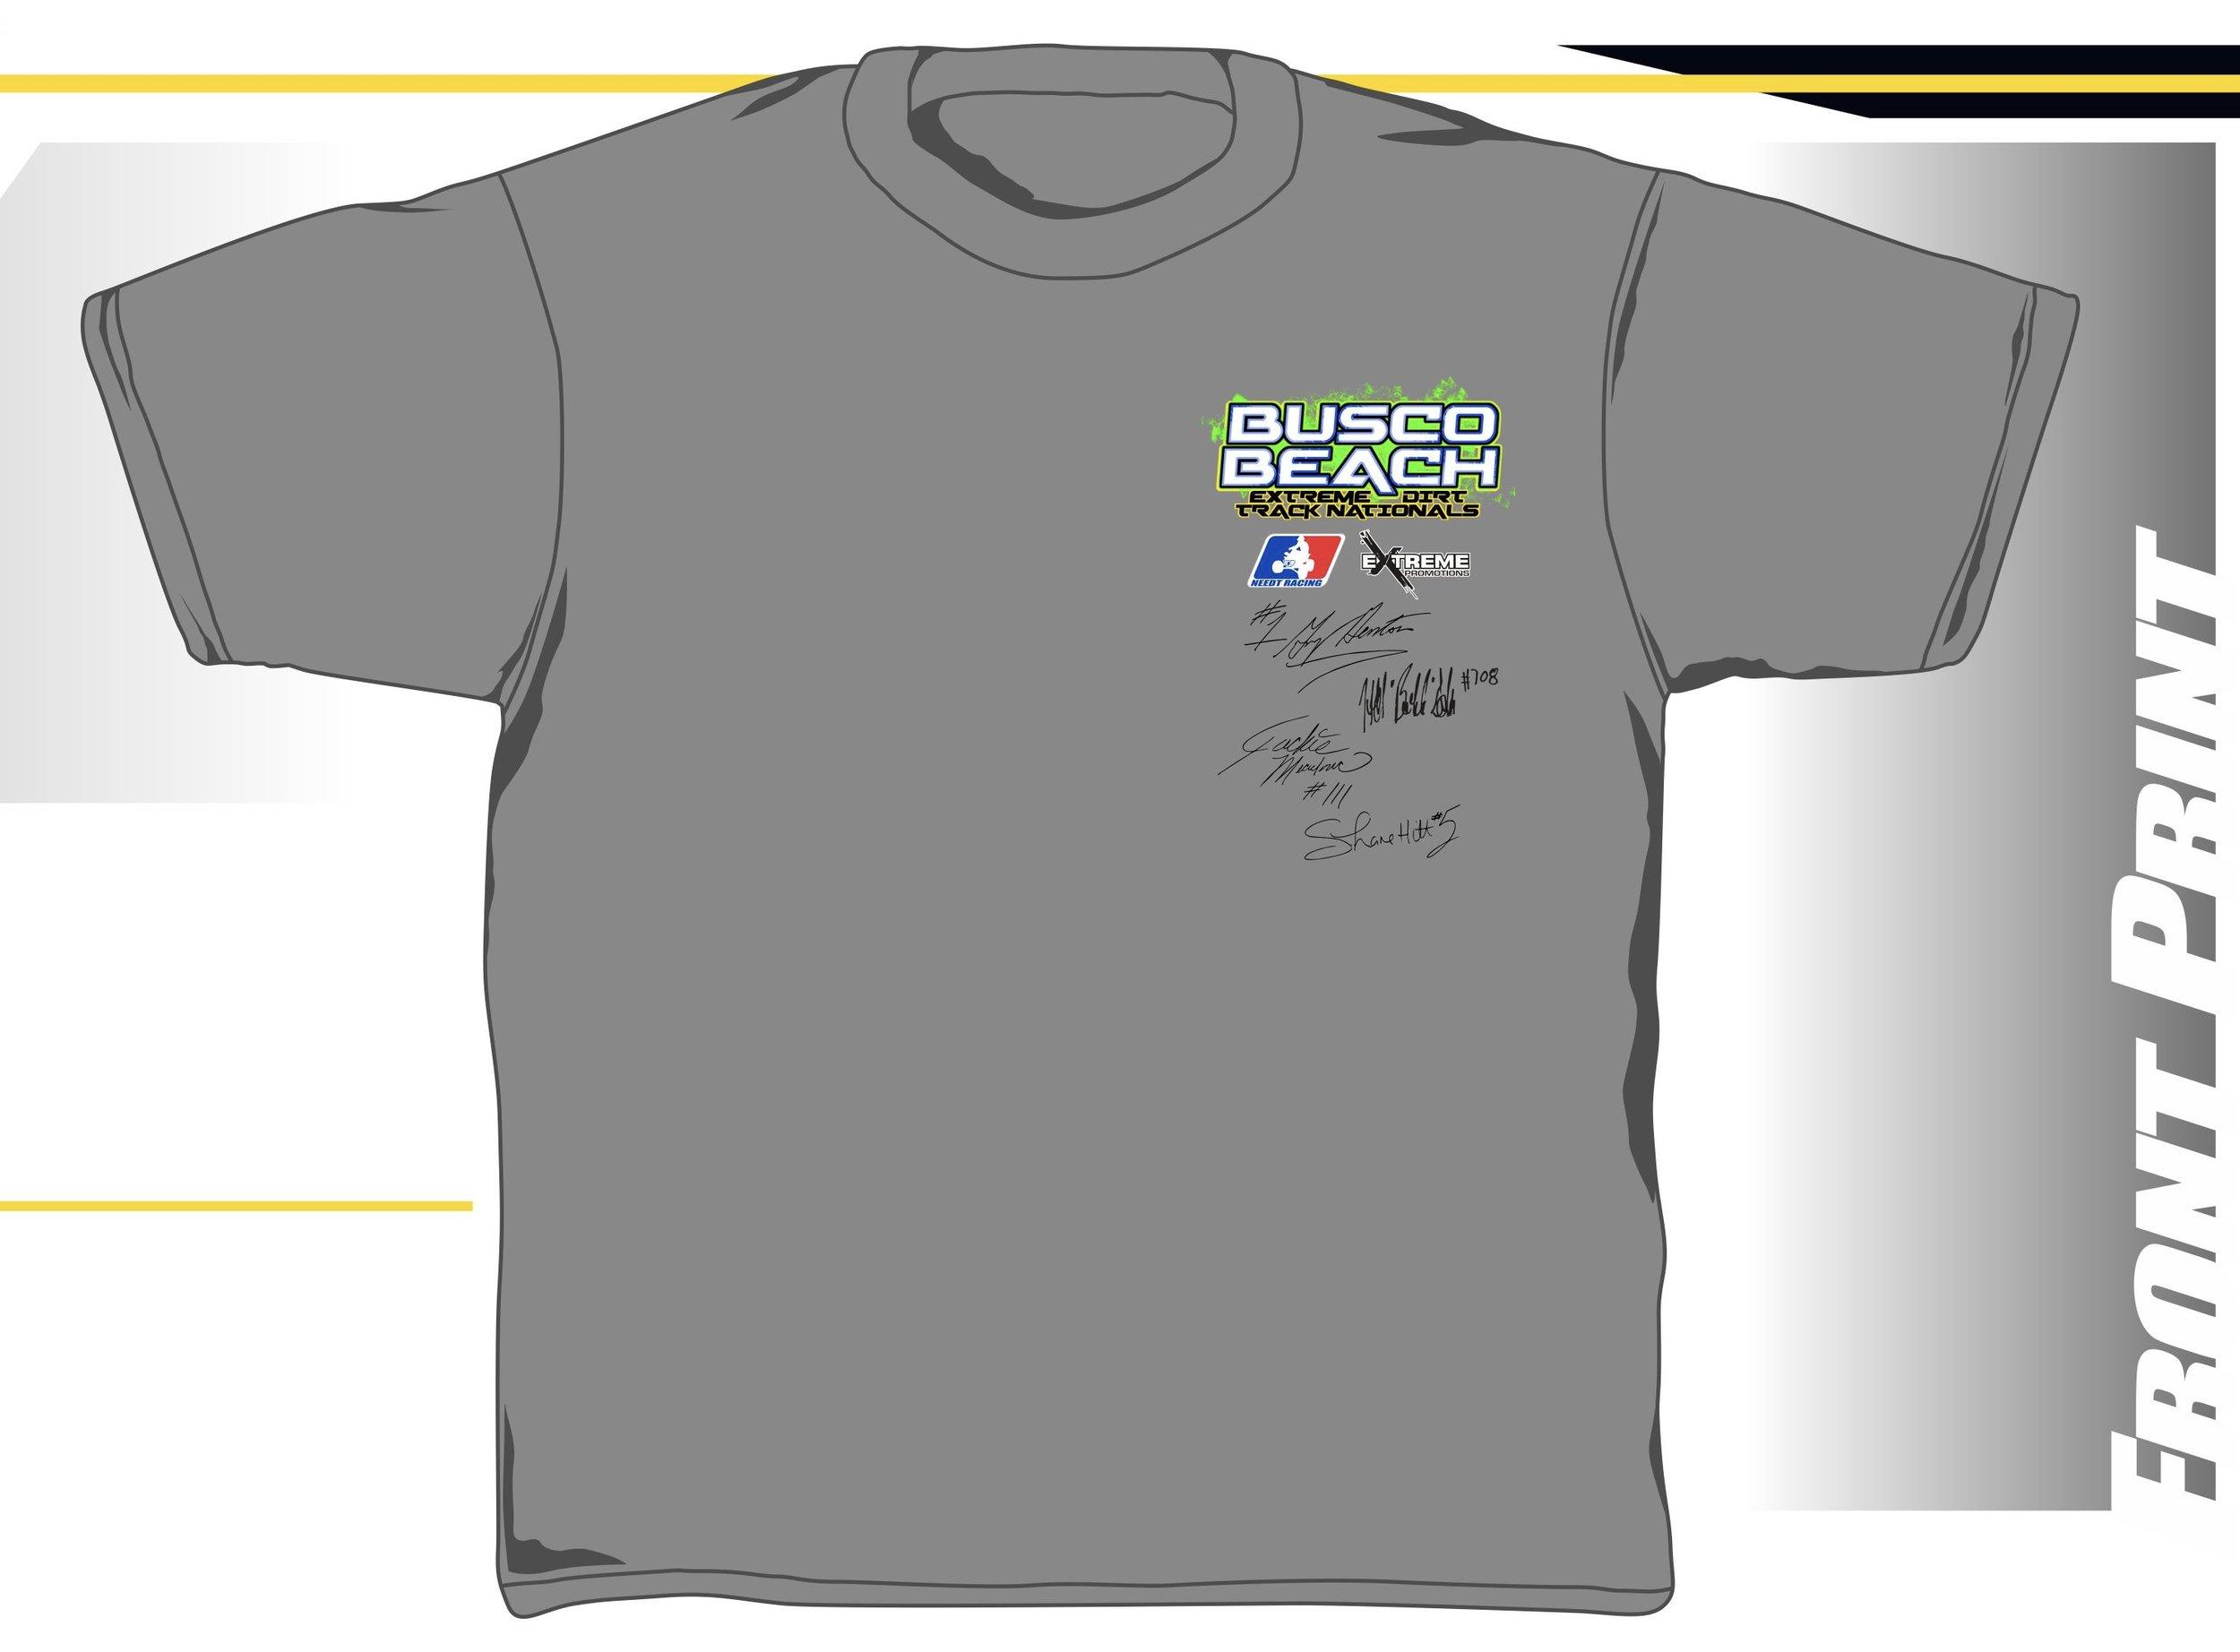 Busco Beach 2019 Shirtfront.jpg